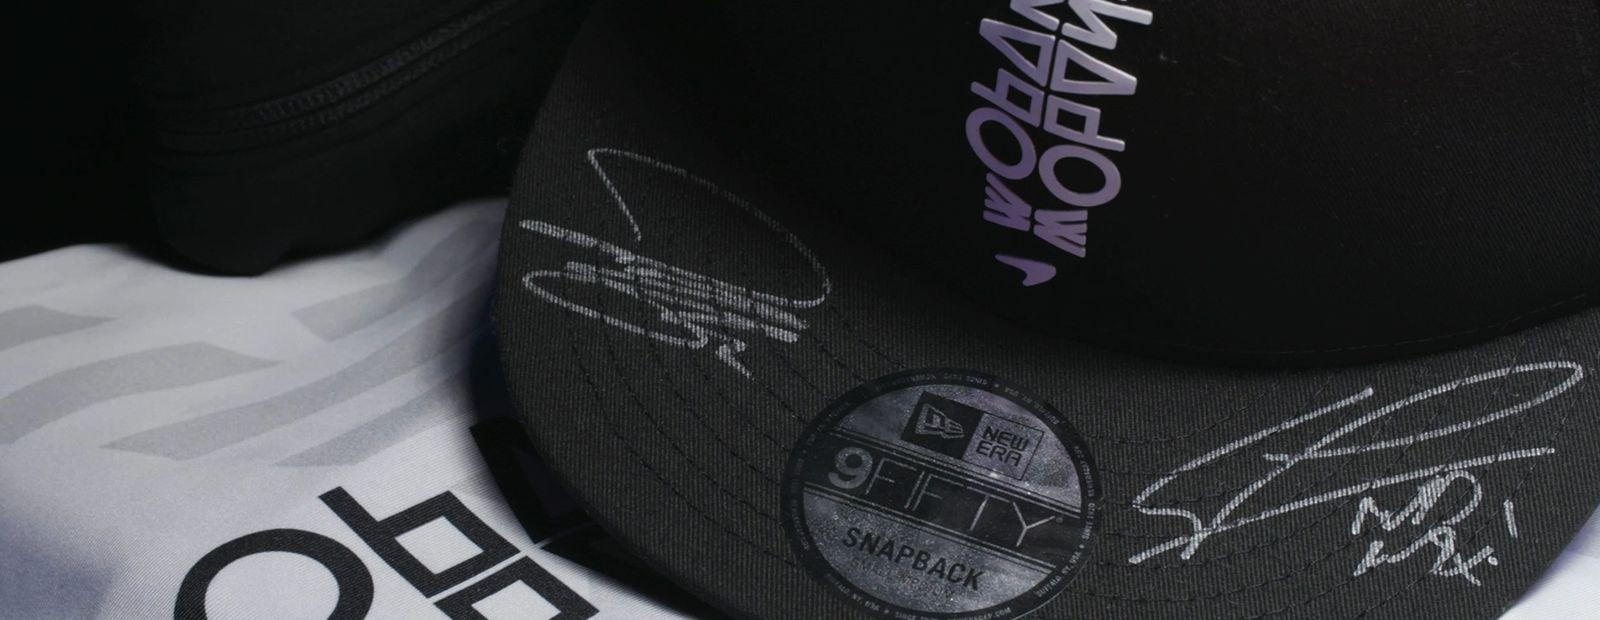 f05314f3 McLaren Racing – Official Website